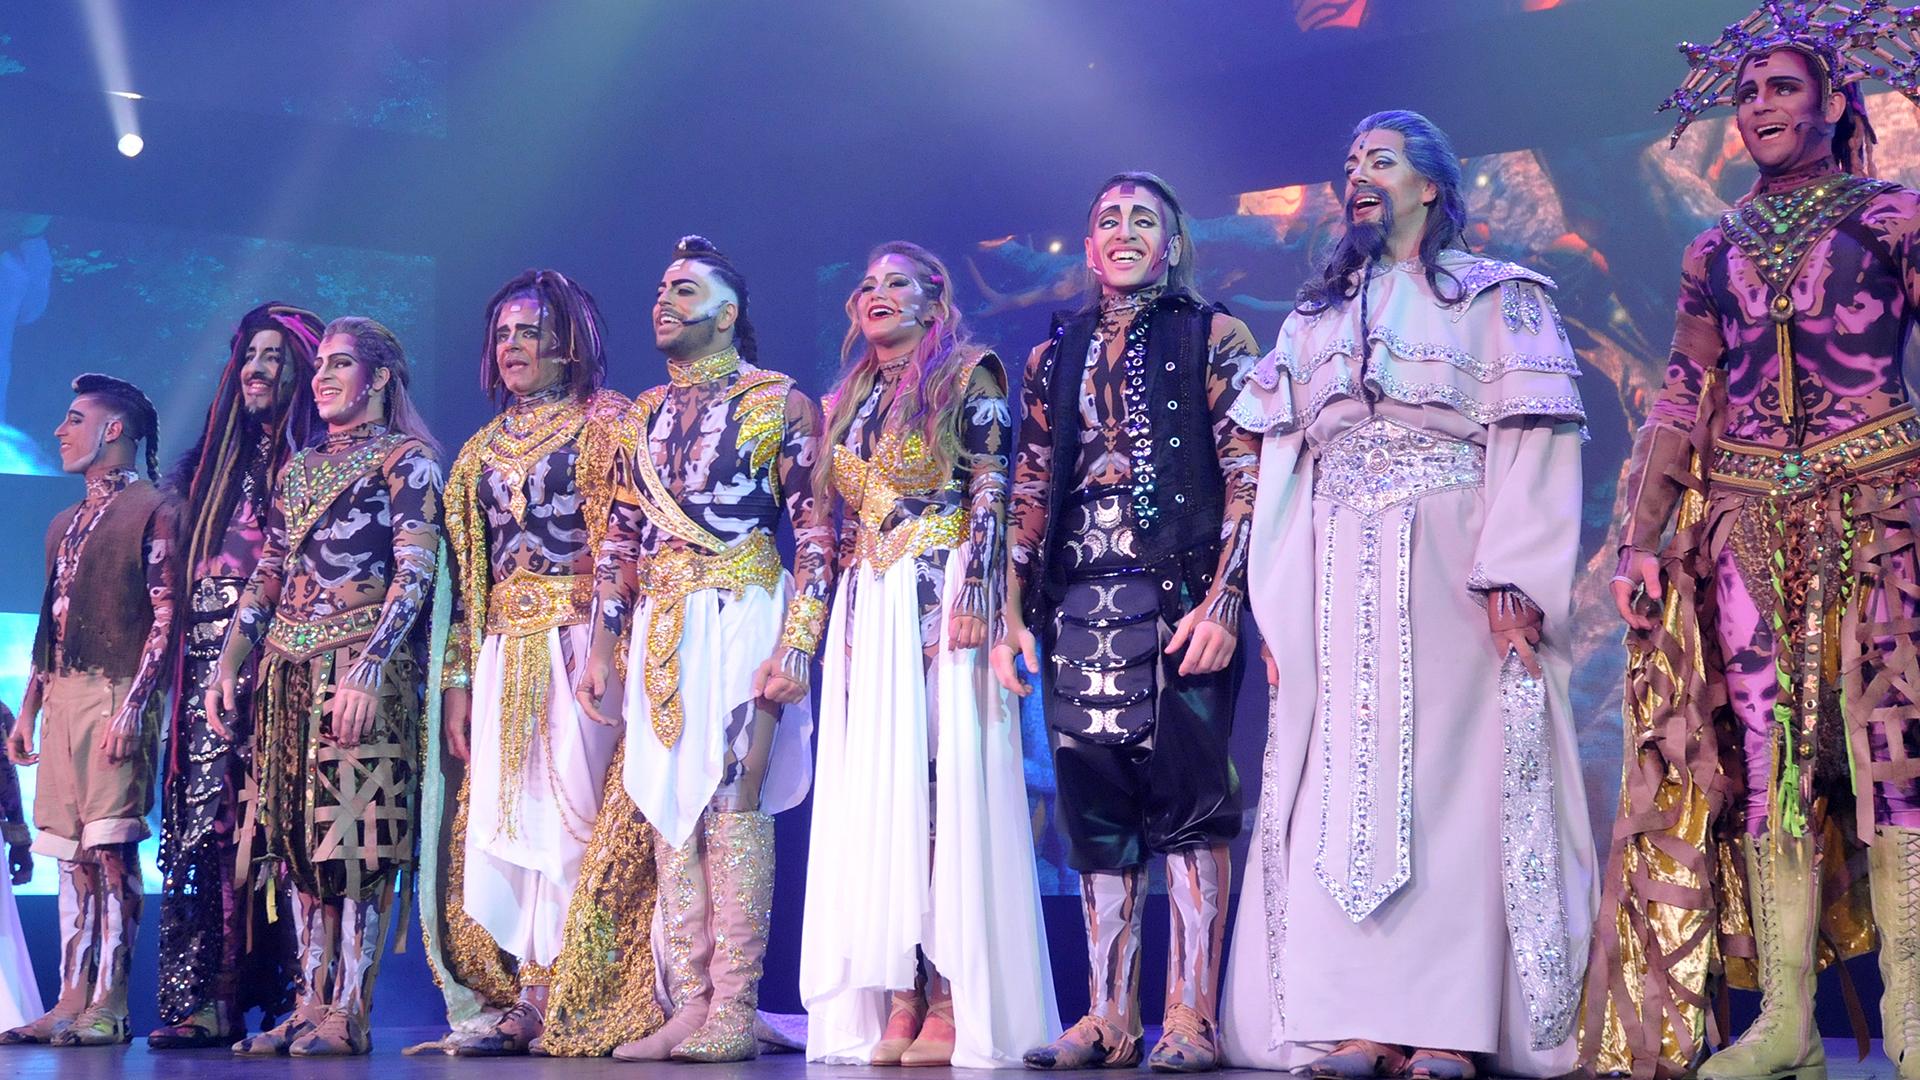 El nuevo espectáculo de Flavio Mendoza se presenta en el Teatro Broadway (Prensa Tomaselli)